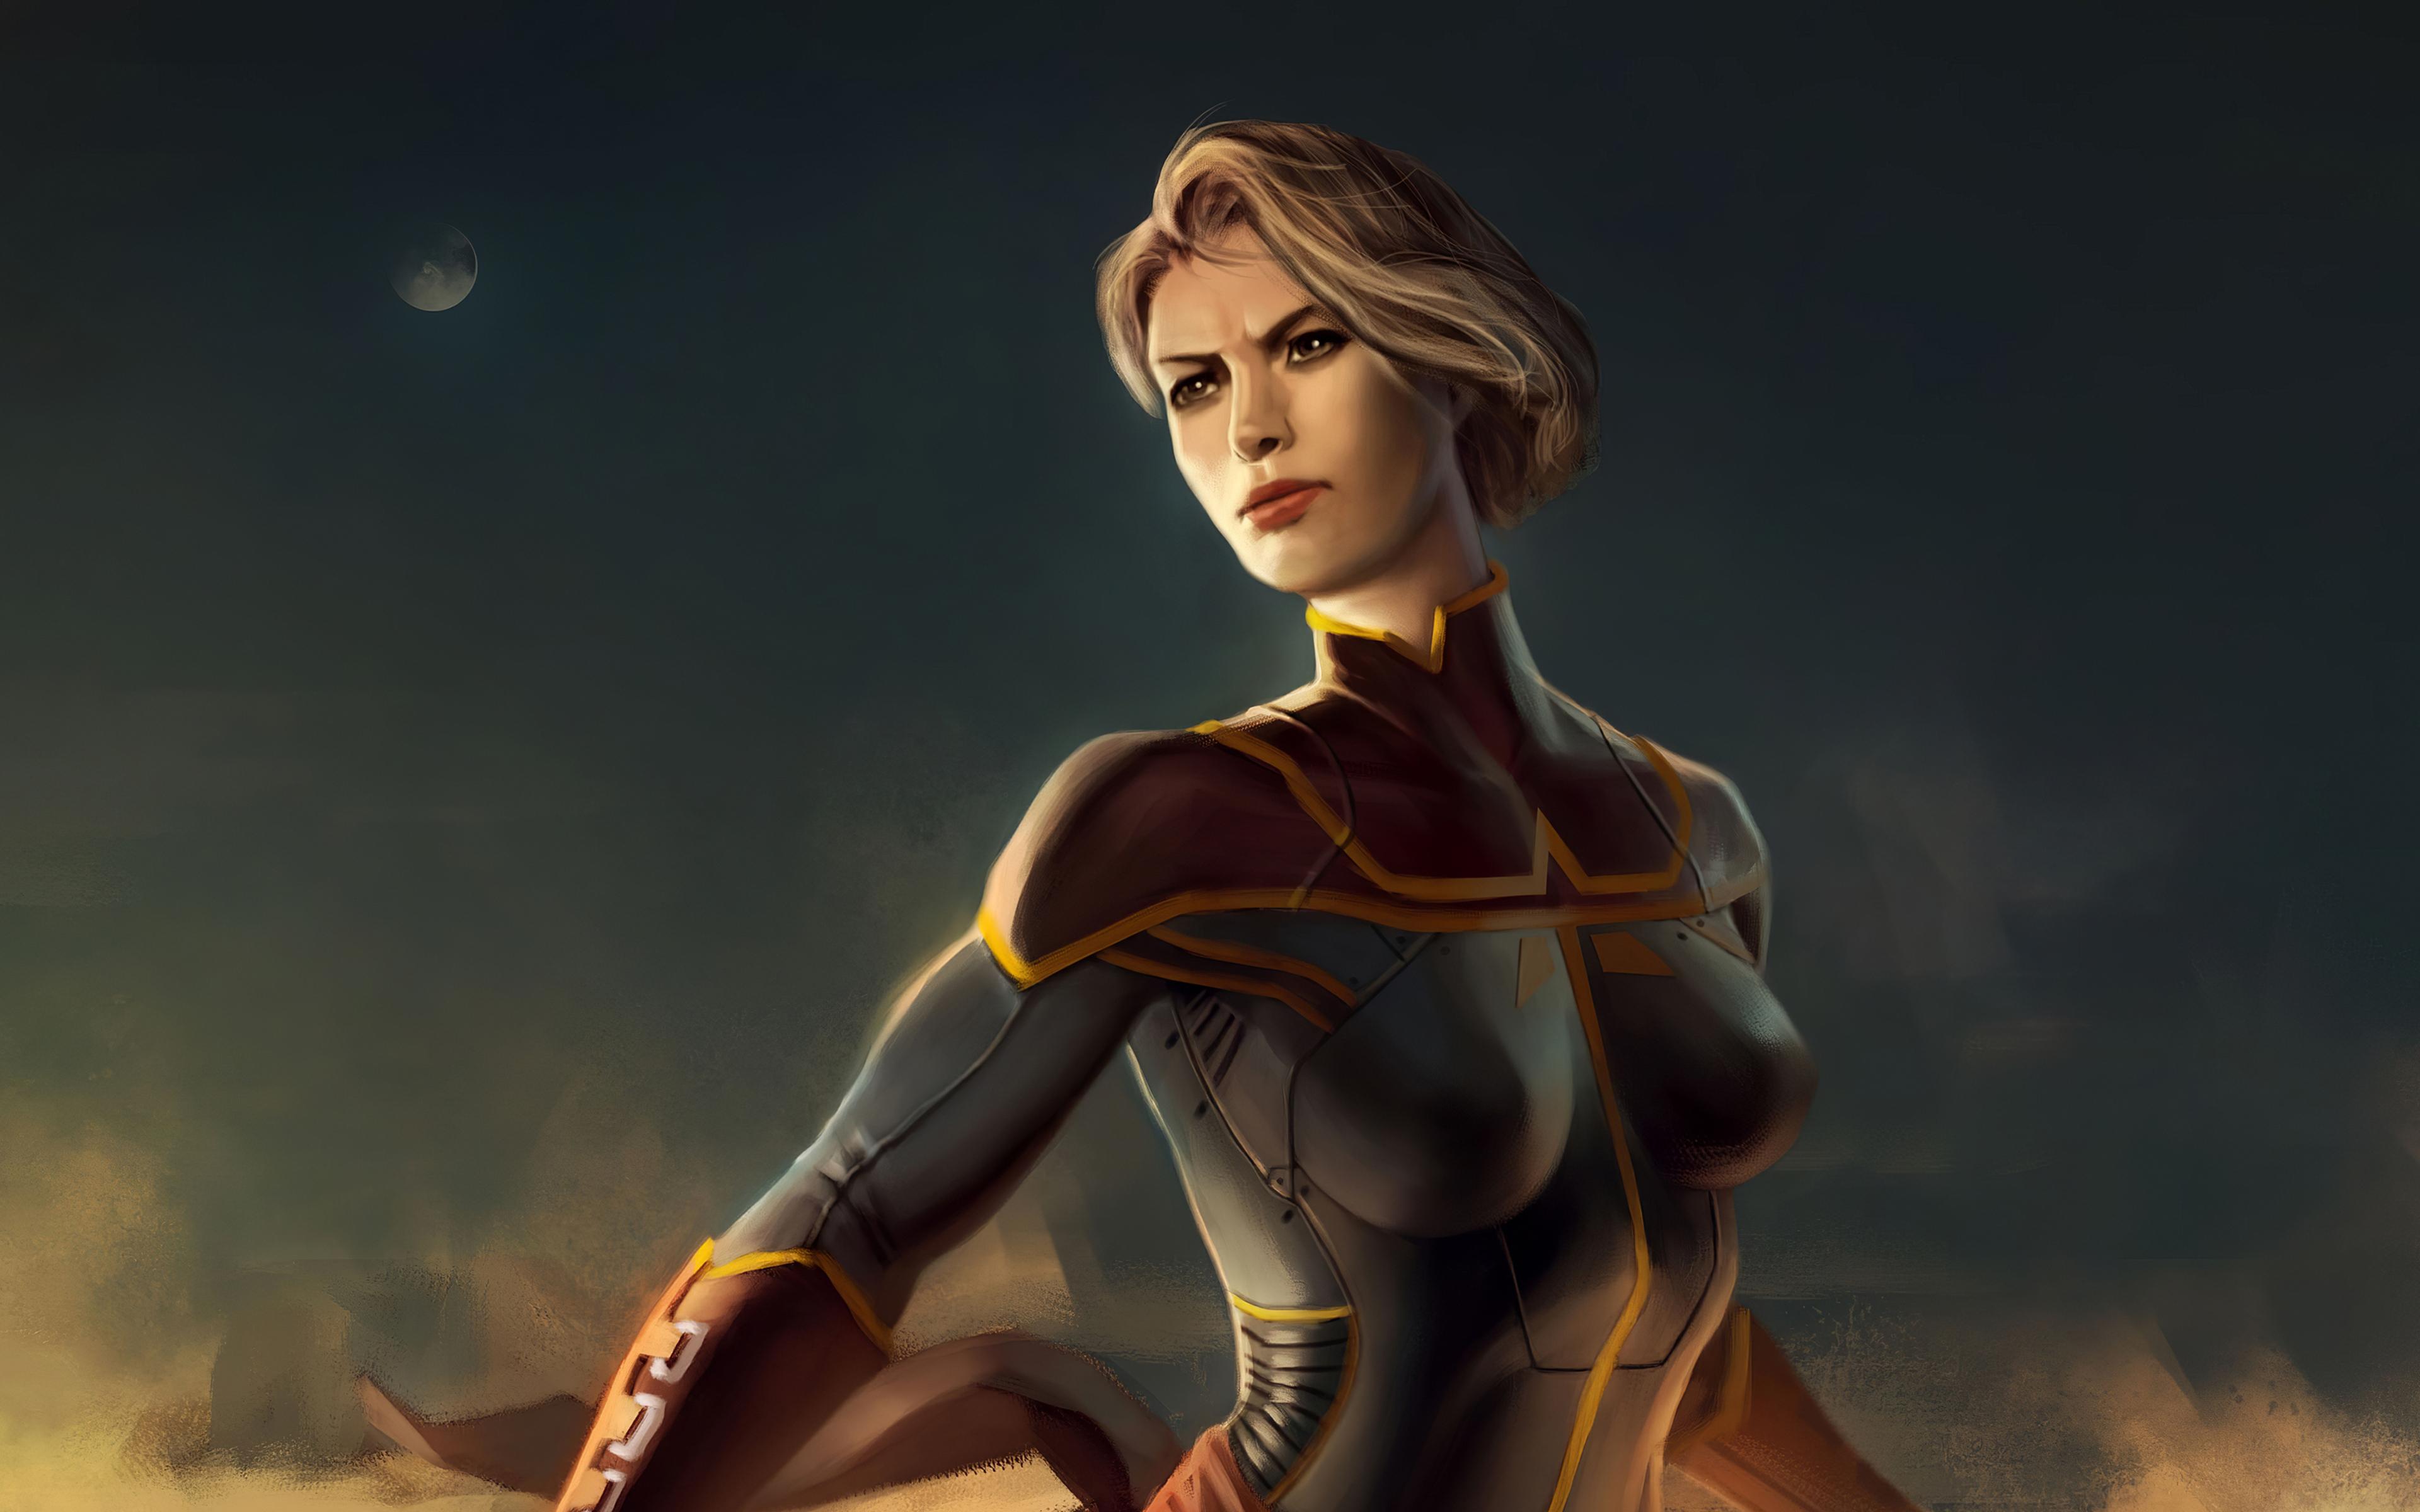 captain-marvel-women-4k-w8.jpg